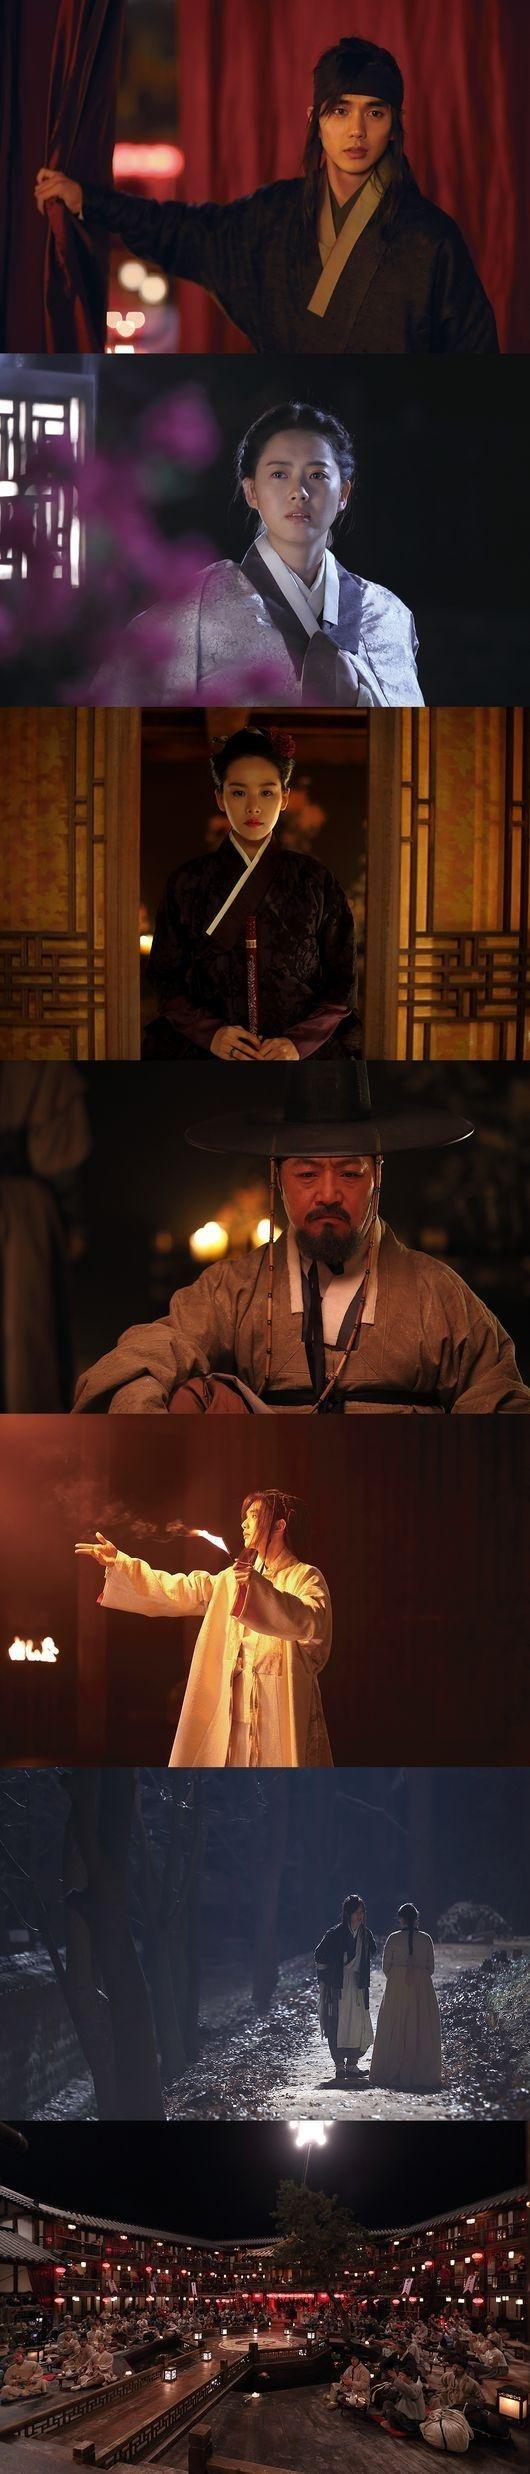 ユ・スンホ&Ara主演「朝鮮魔術師」スチールカットを初公開!特別な雰囲気に期待UP